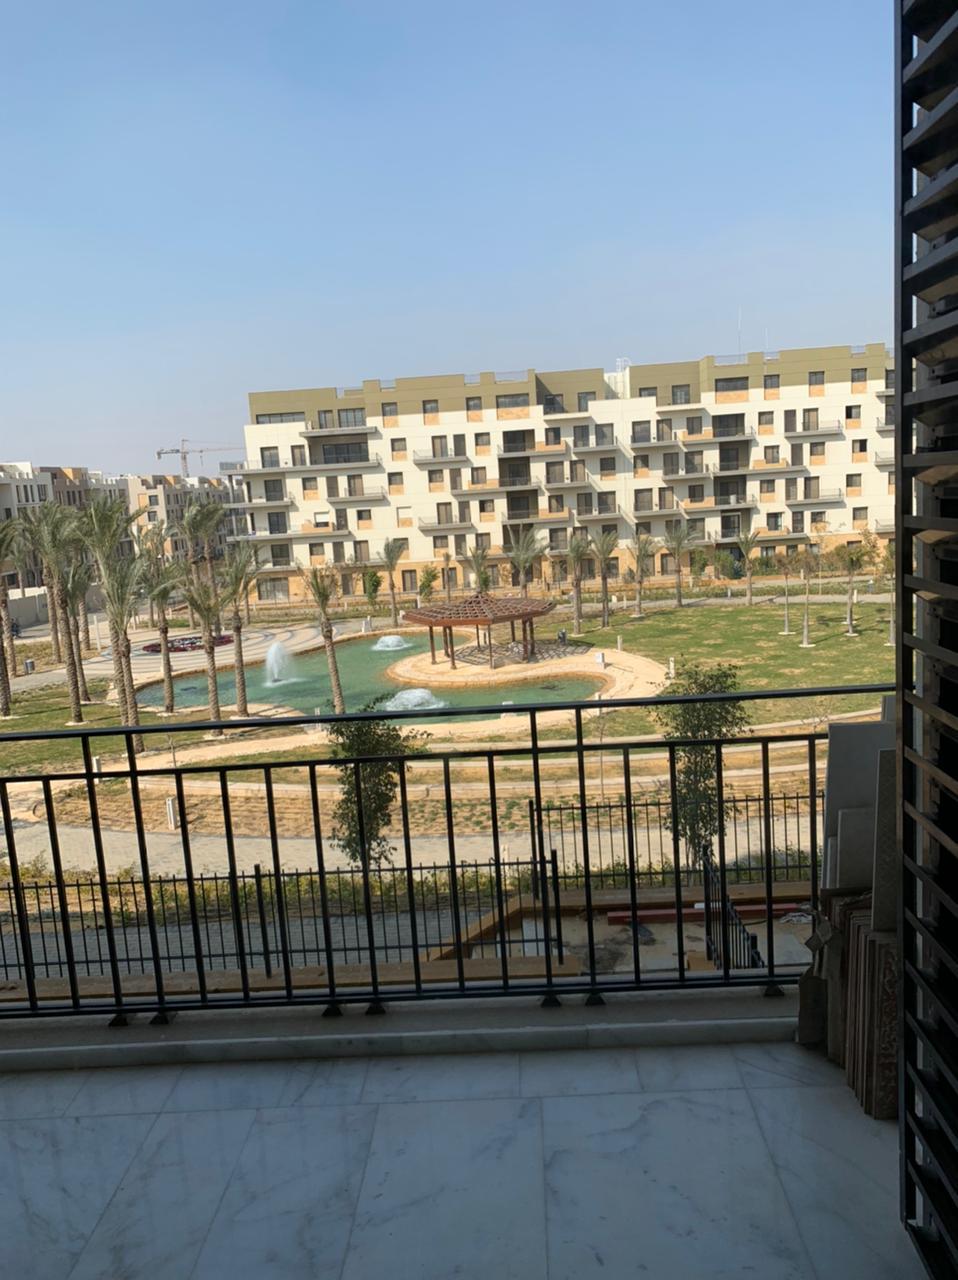 شقة مفروشة للايجار بكمبوند ايست تاون التجمع الخامس القاهرة الجديدة